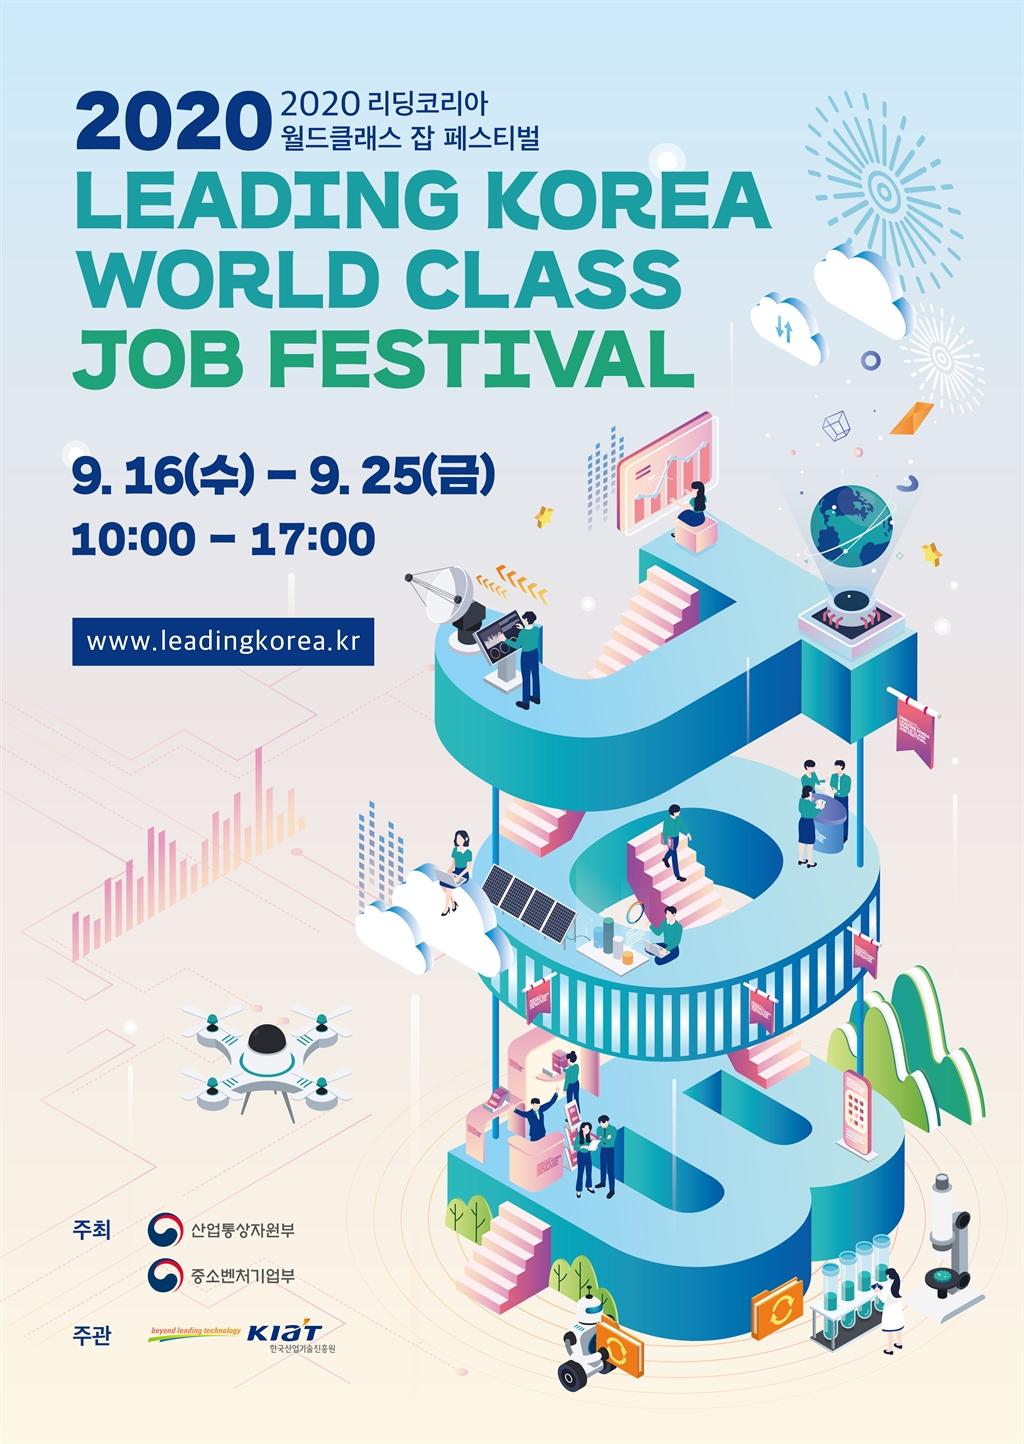 2020리딩코리아월드클래스잡페스티벌_포스터.png